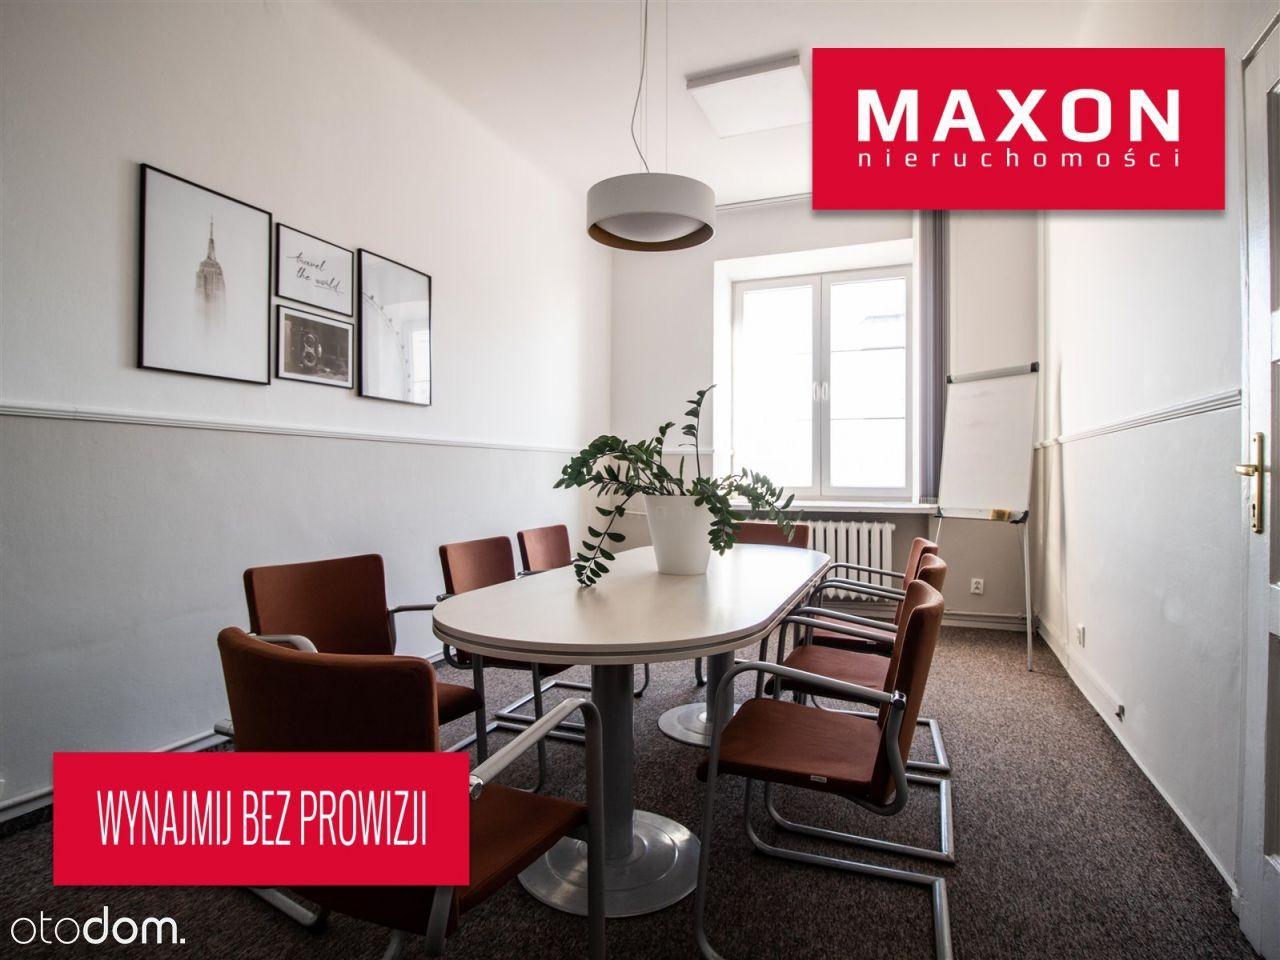 Lokal użytkowy, 110 m², Warszawa